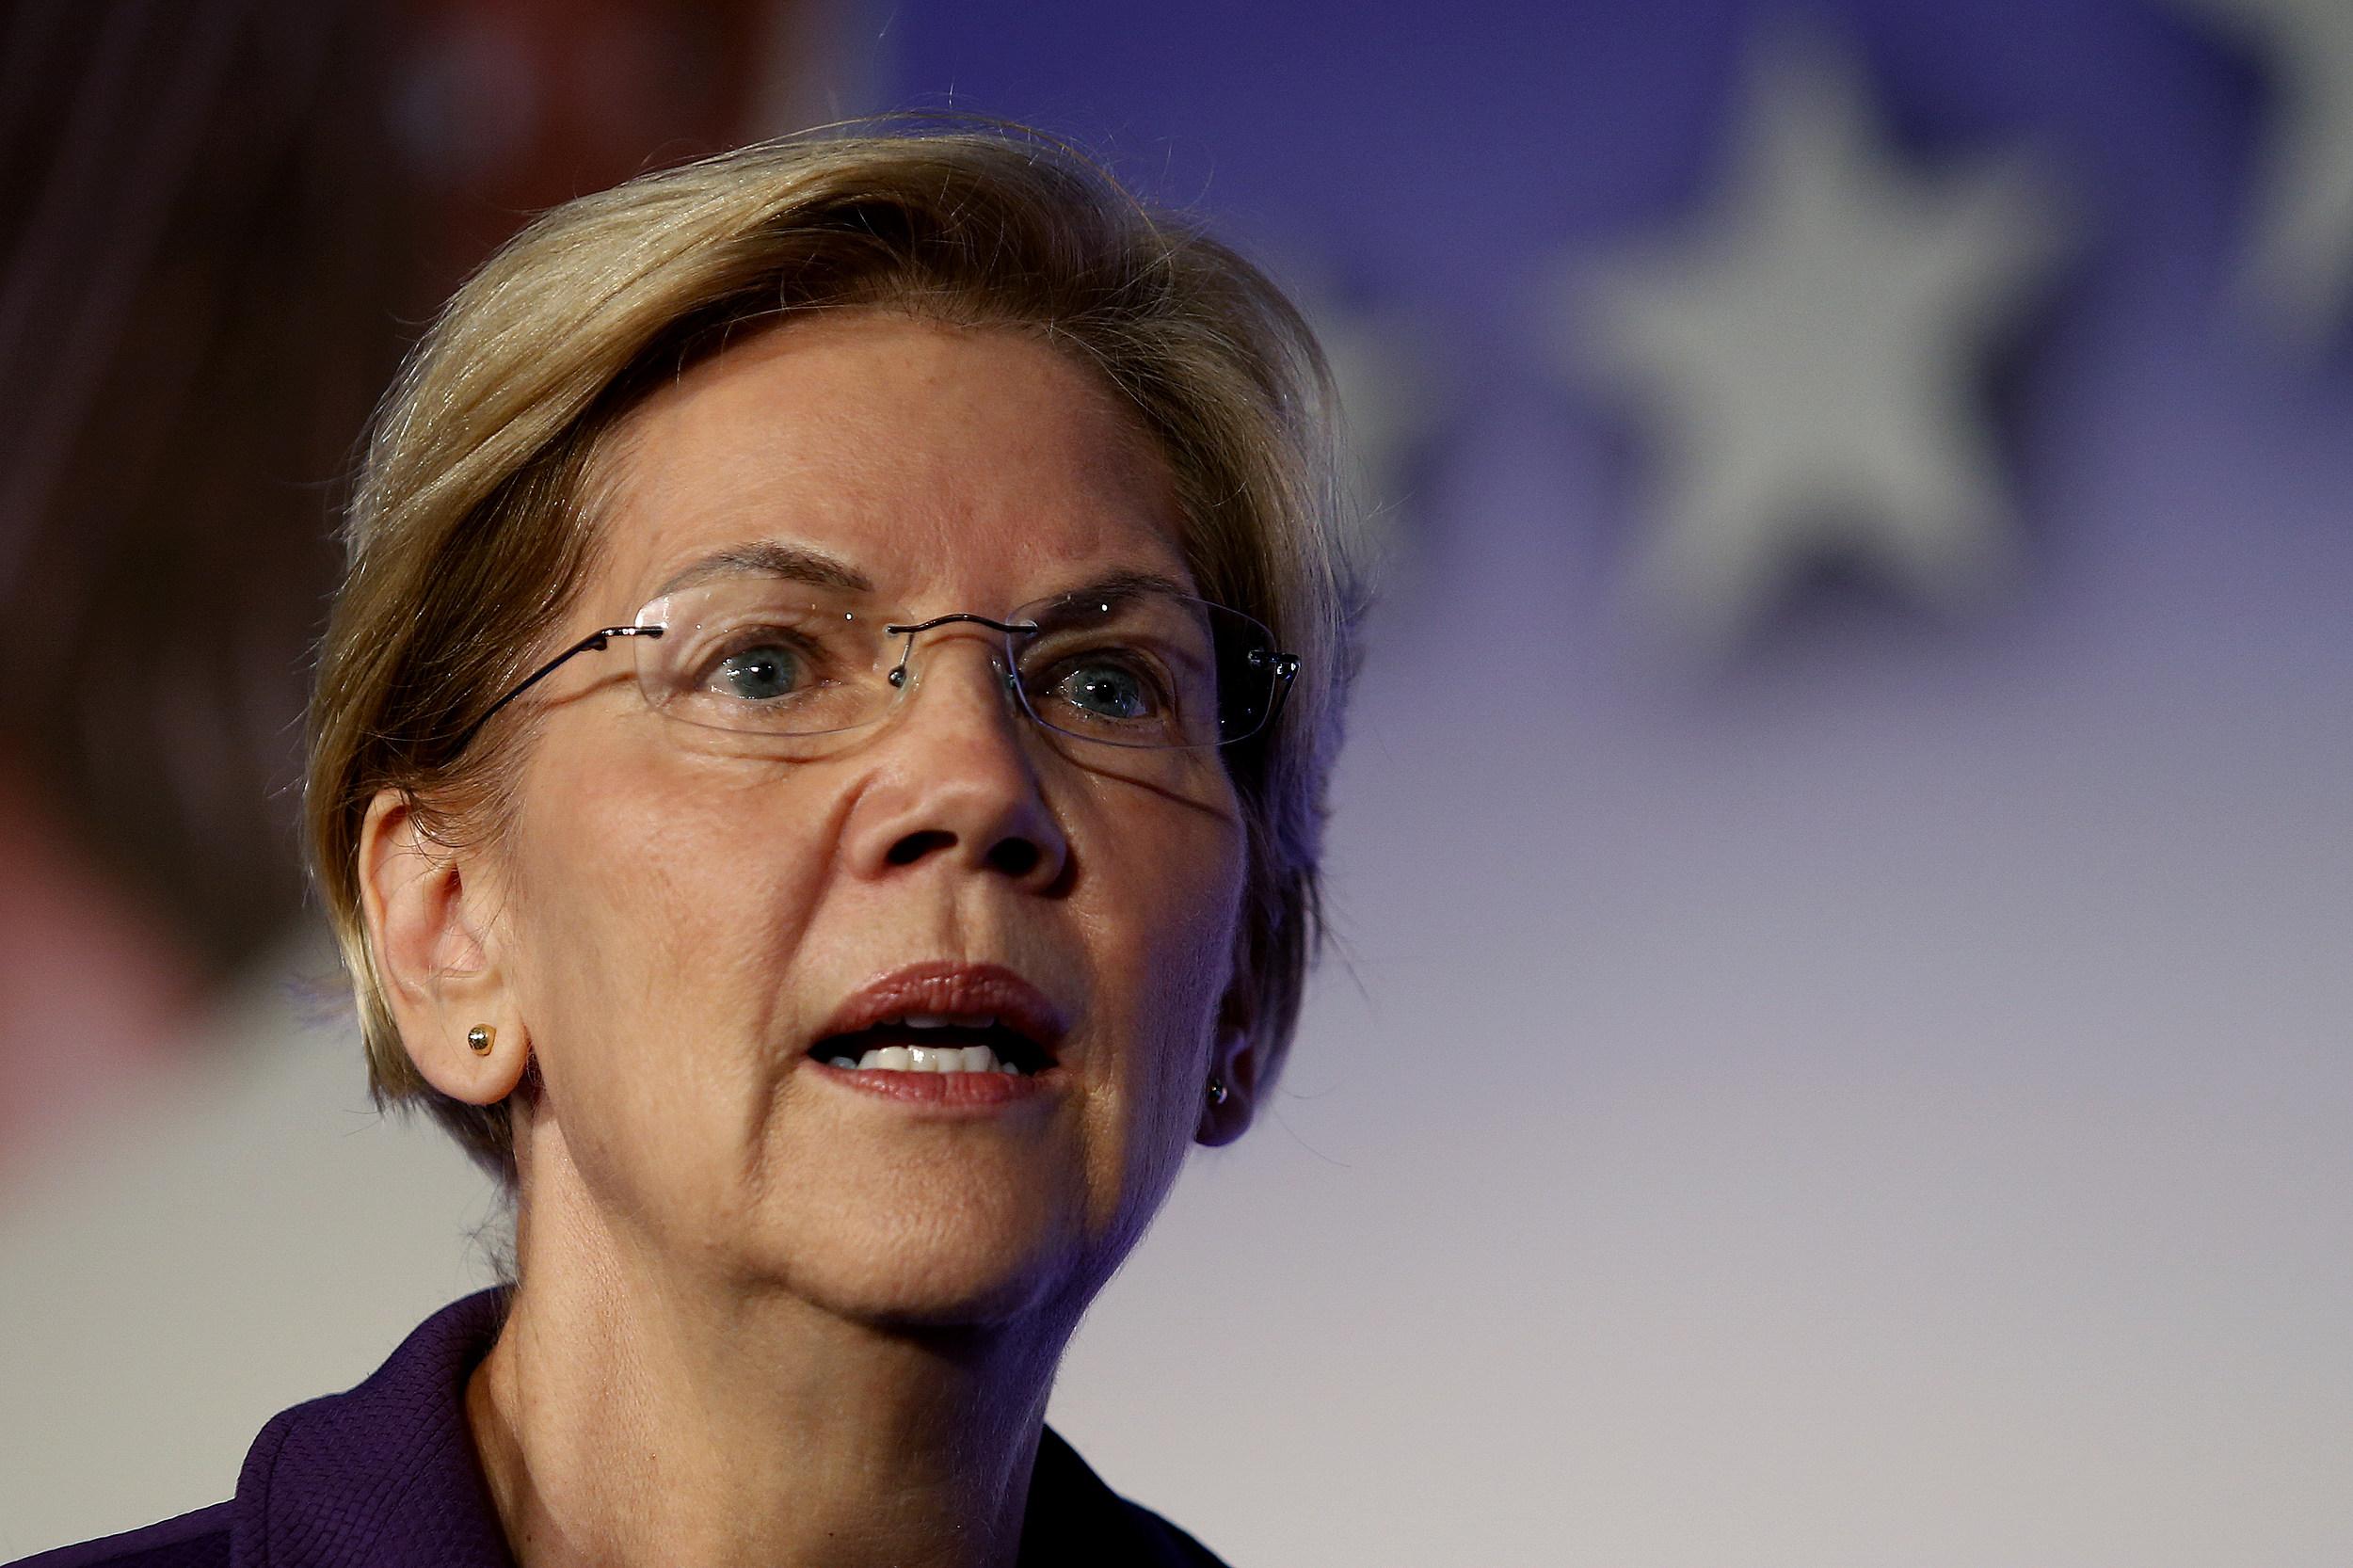 Was pregnant Elizabeth Warren really fired by NJ school district?